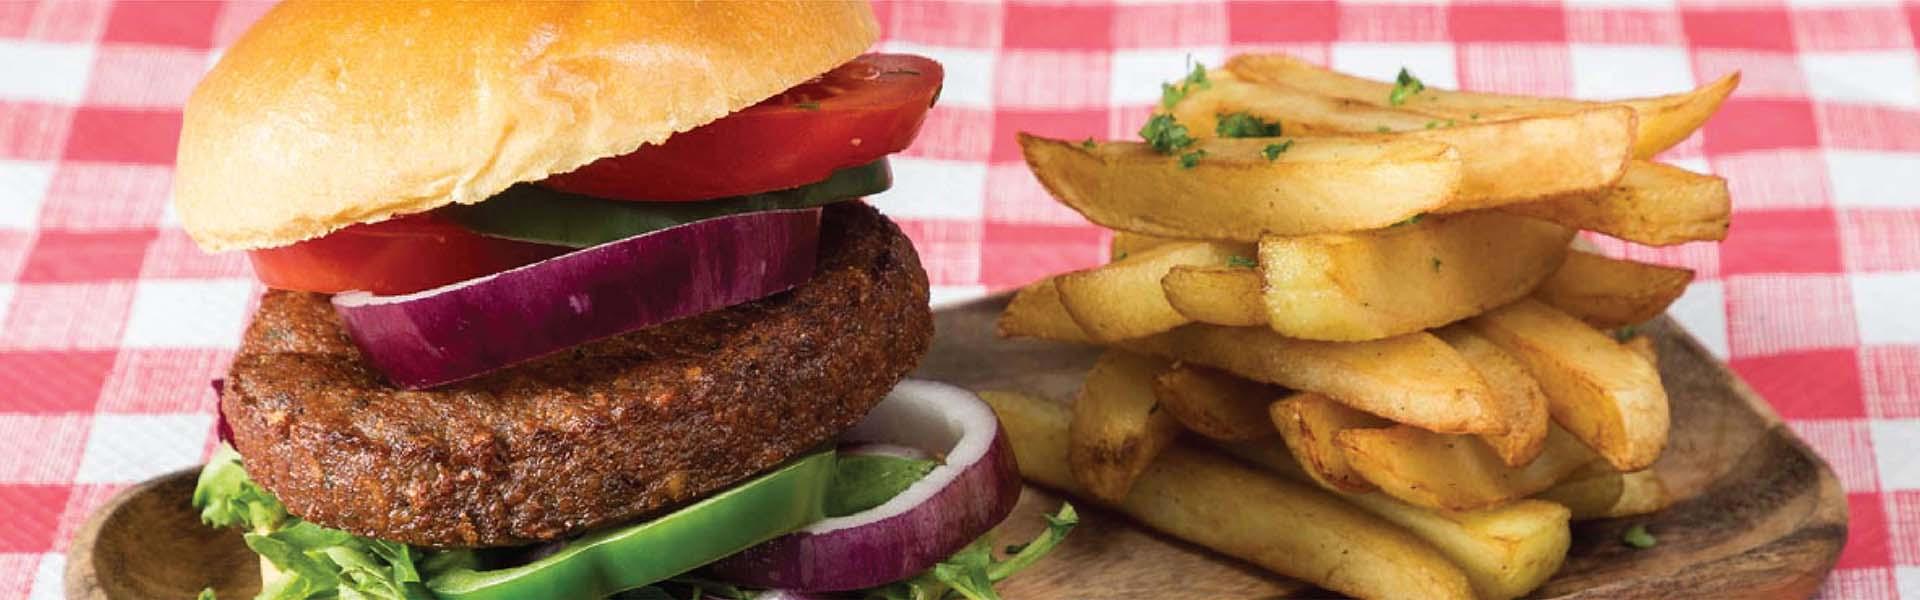 hamburger-01 (1)